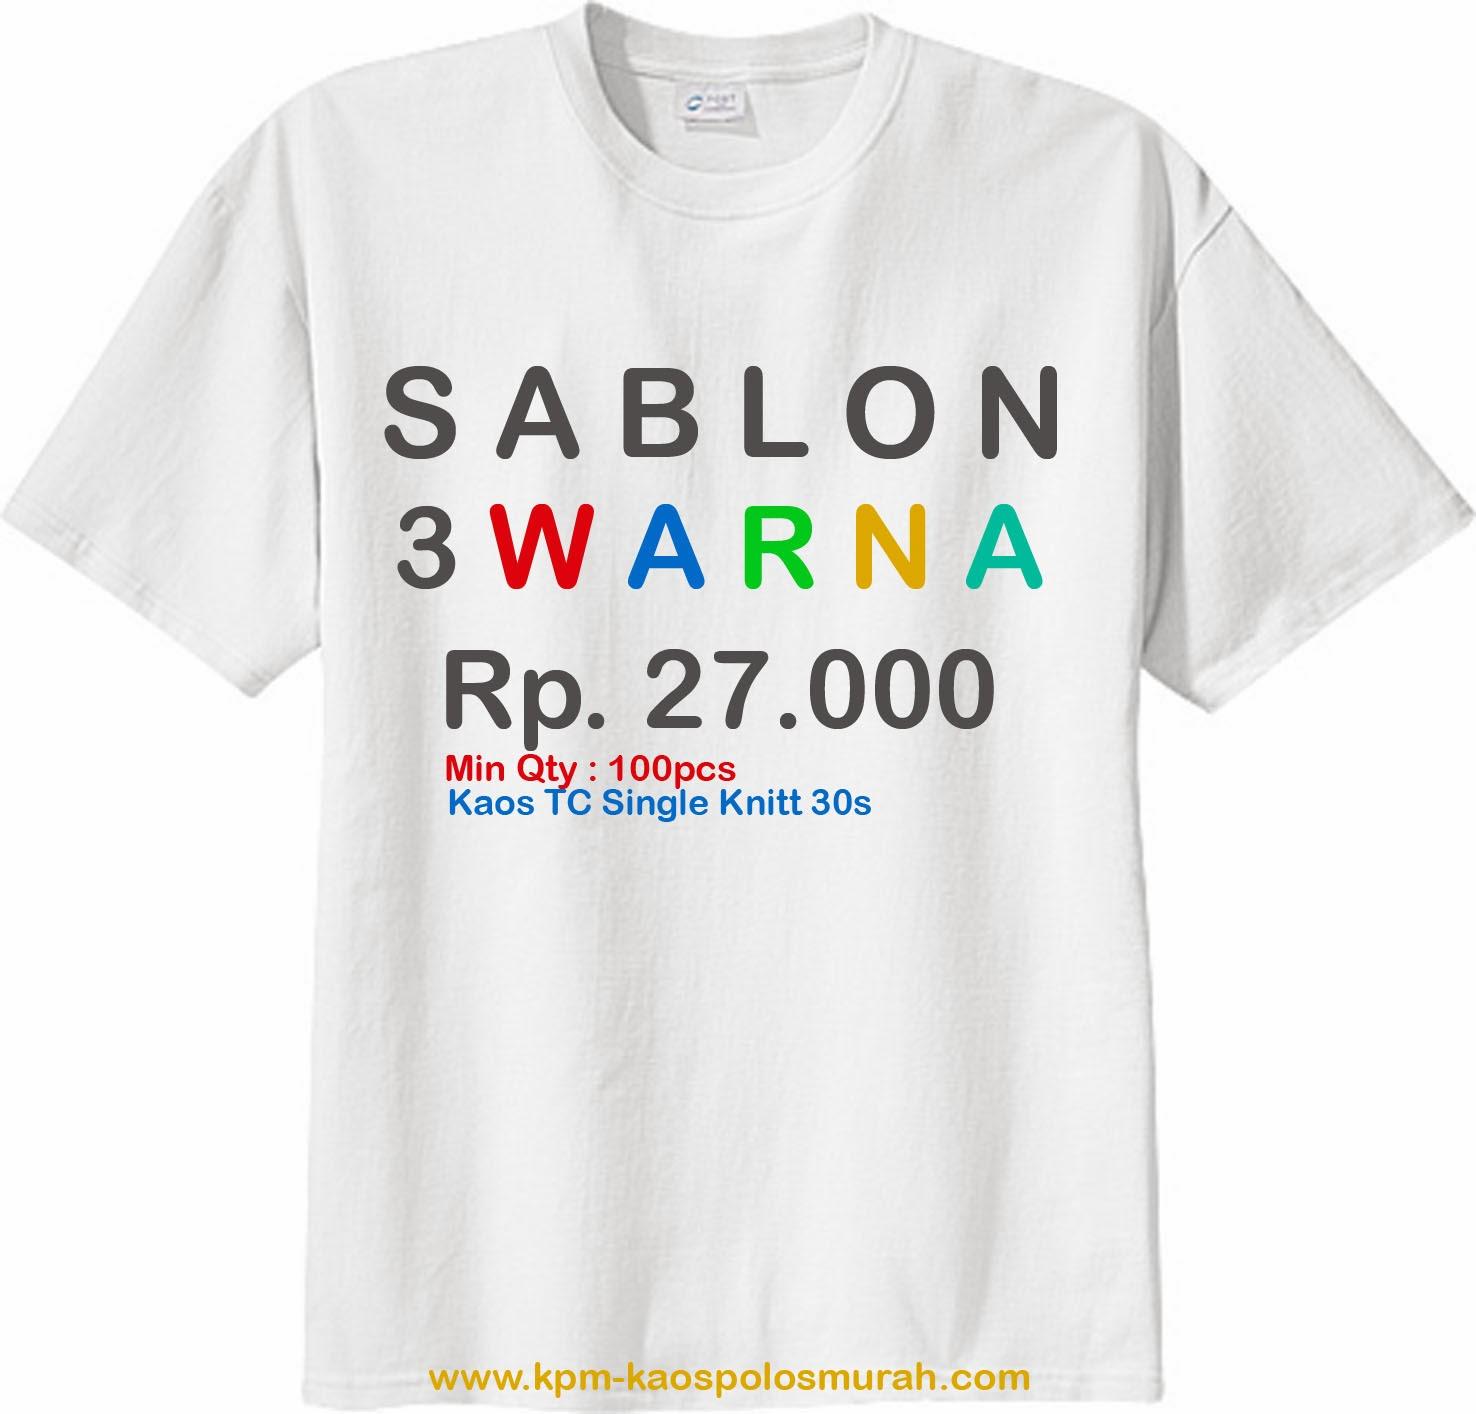 Sablon Kaos MURAH